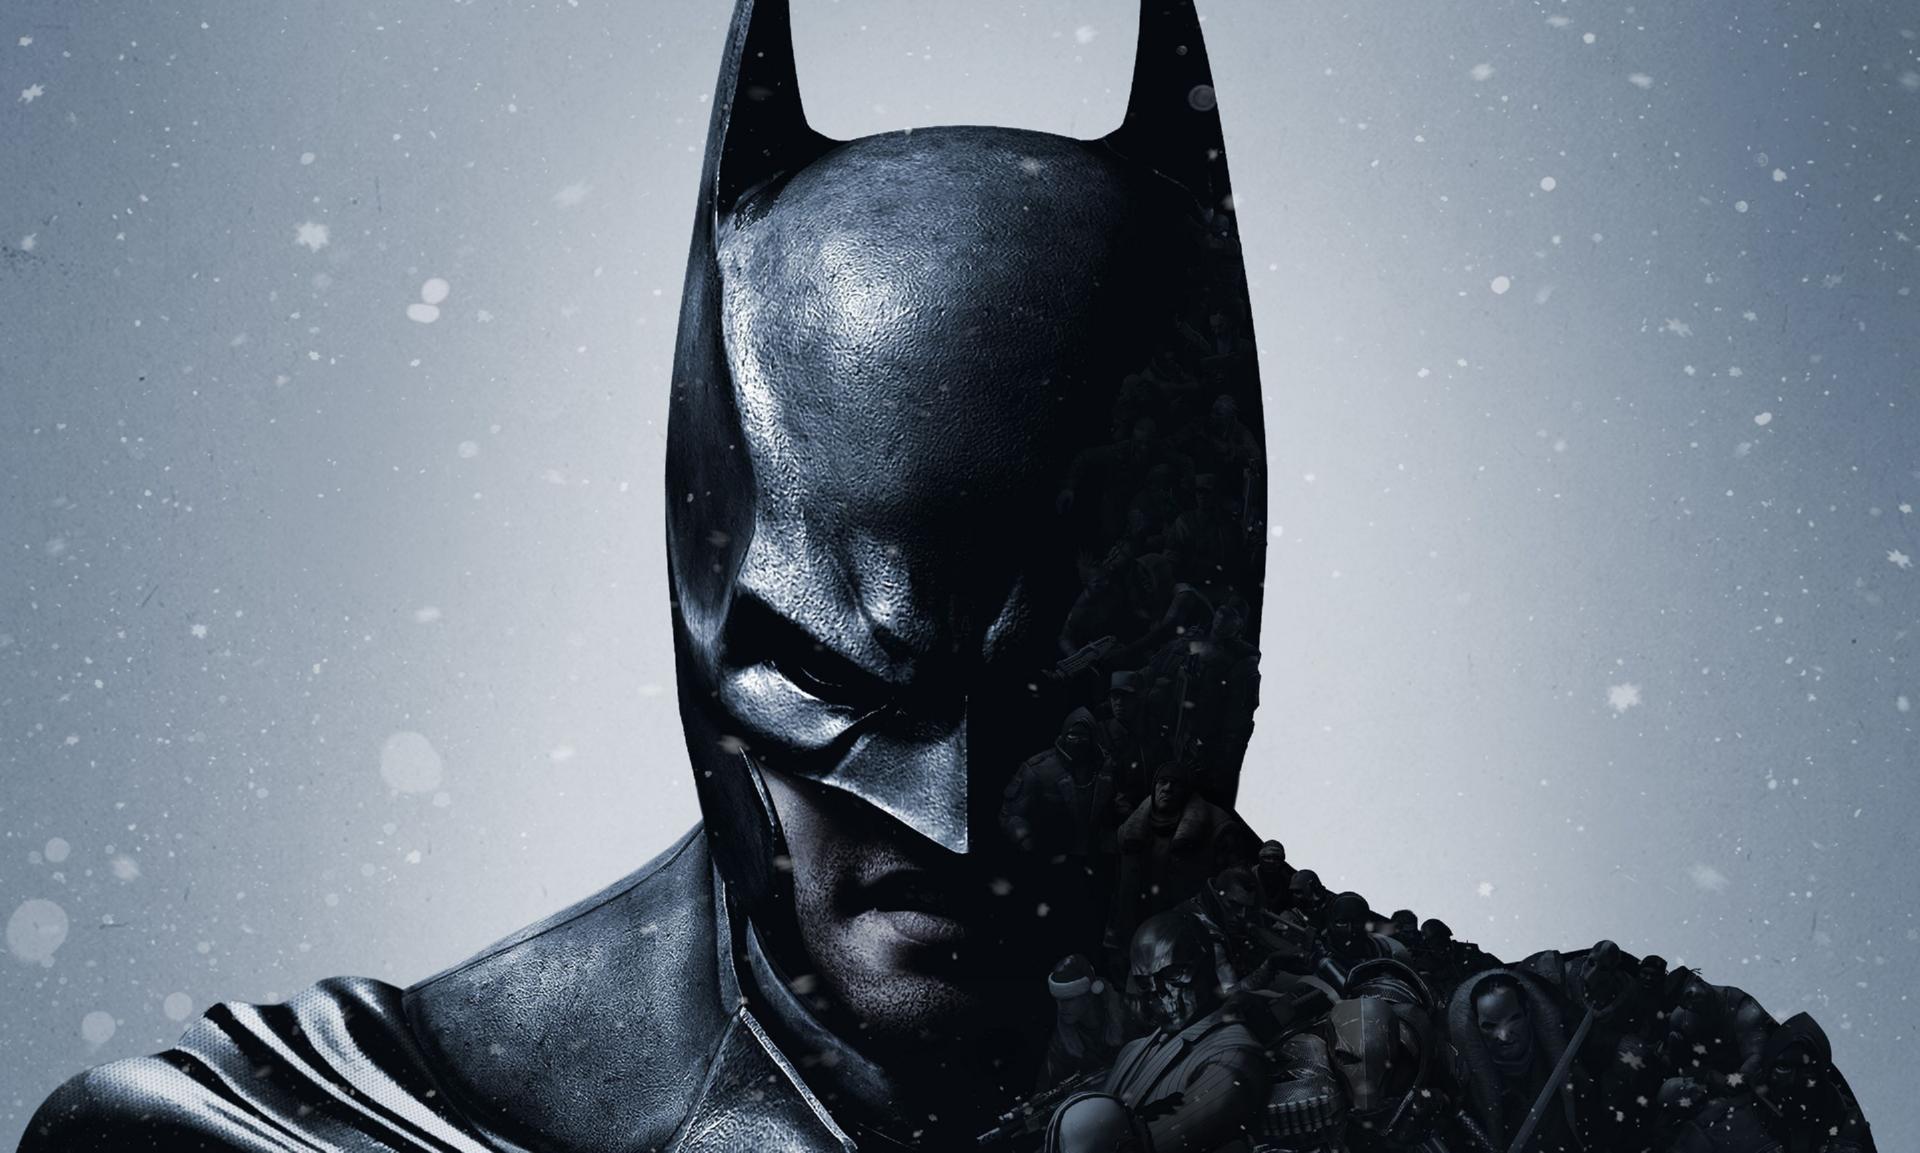 Batman – Arkham Origins HD wallpapers